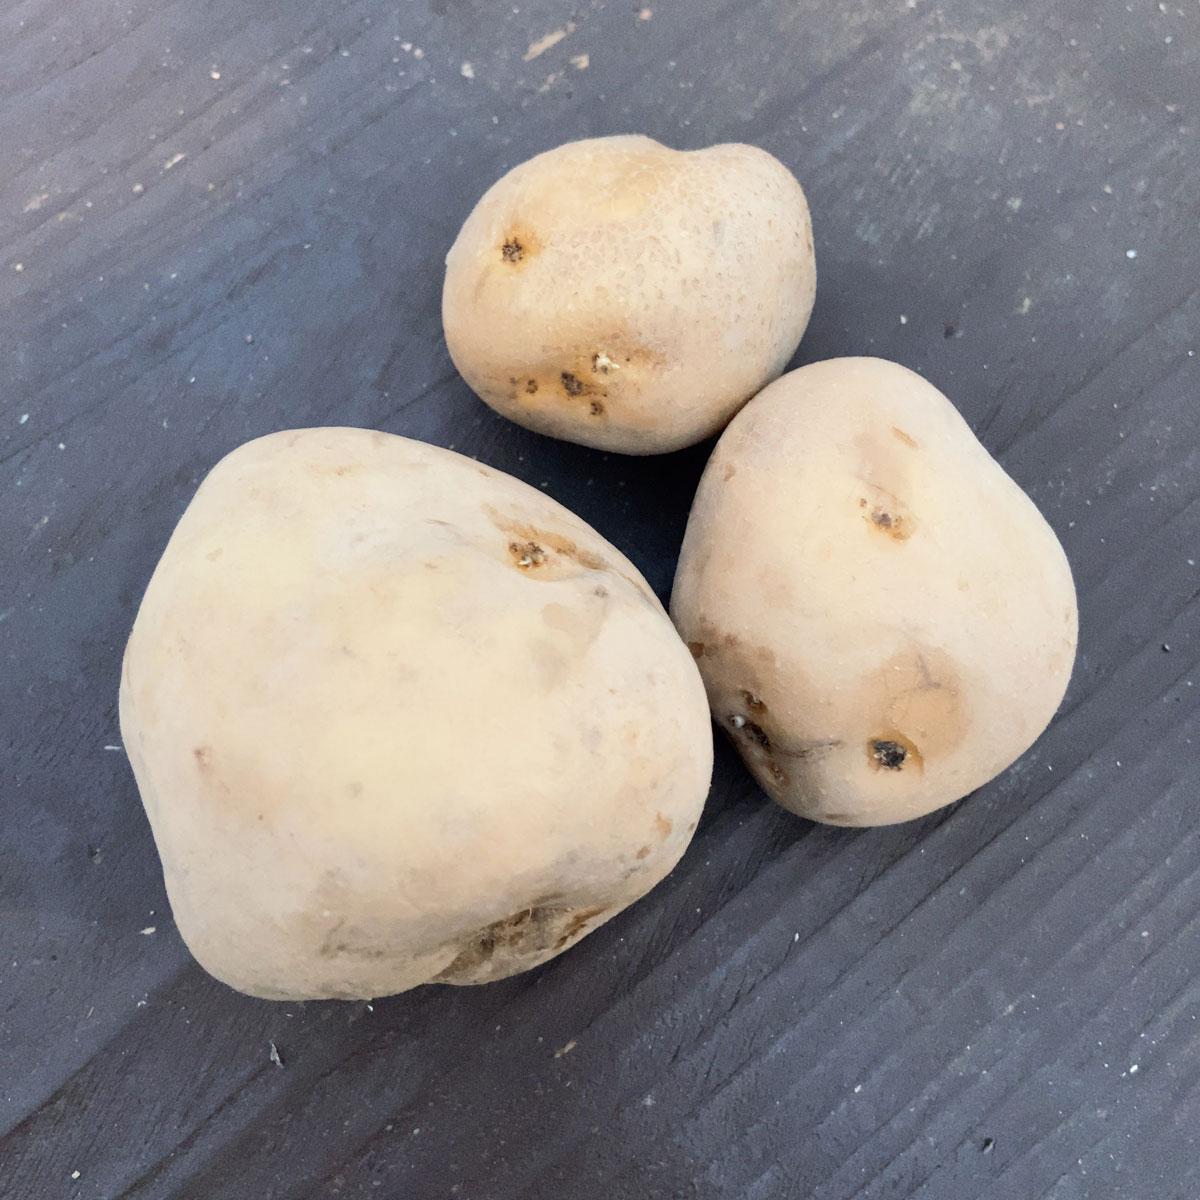 じゃがいも(ジャガイモ)・オホーツクチップの種芋